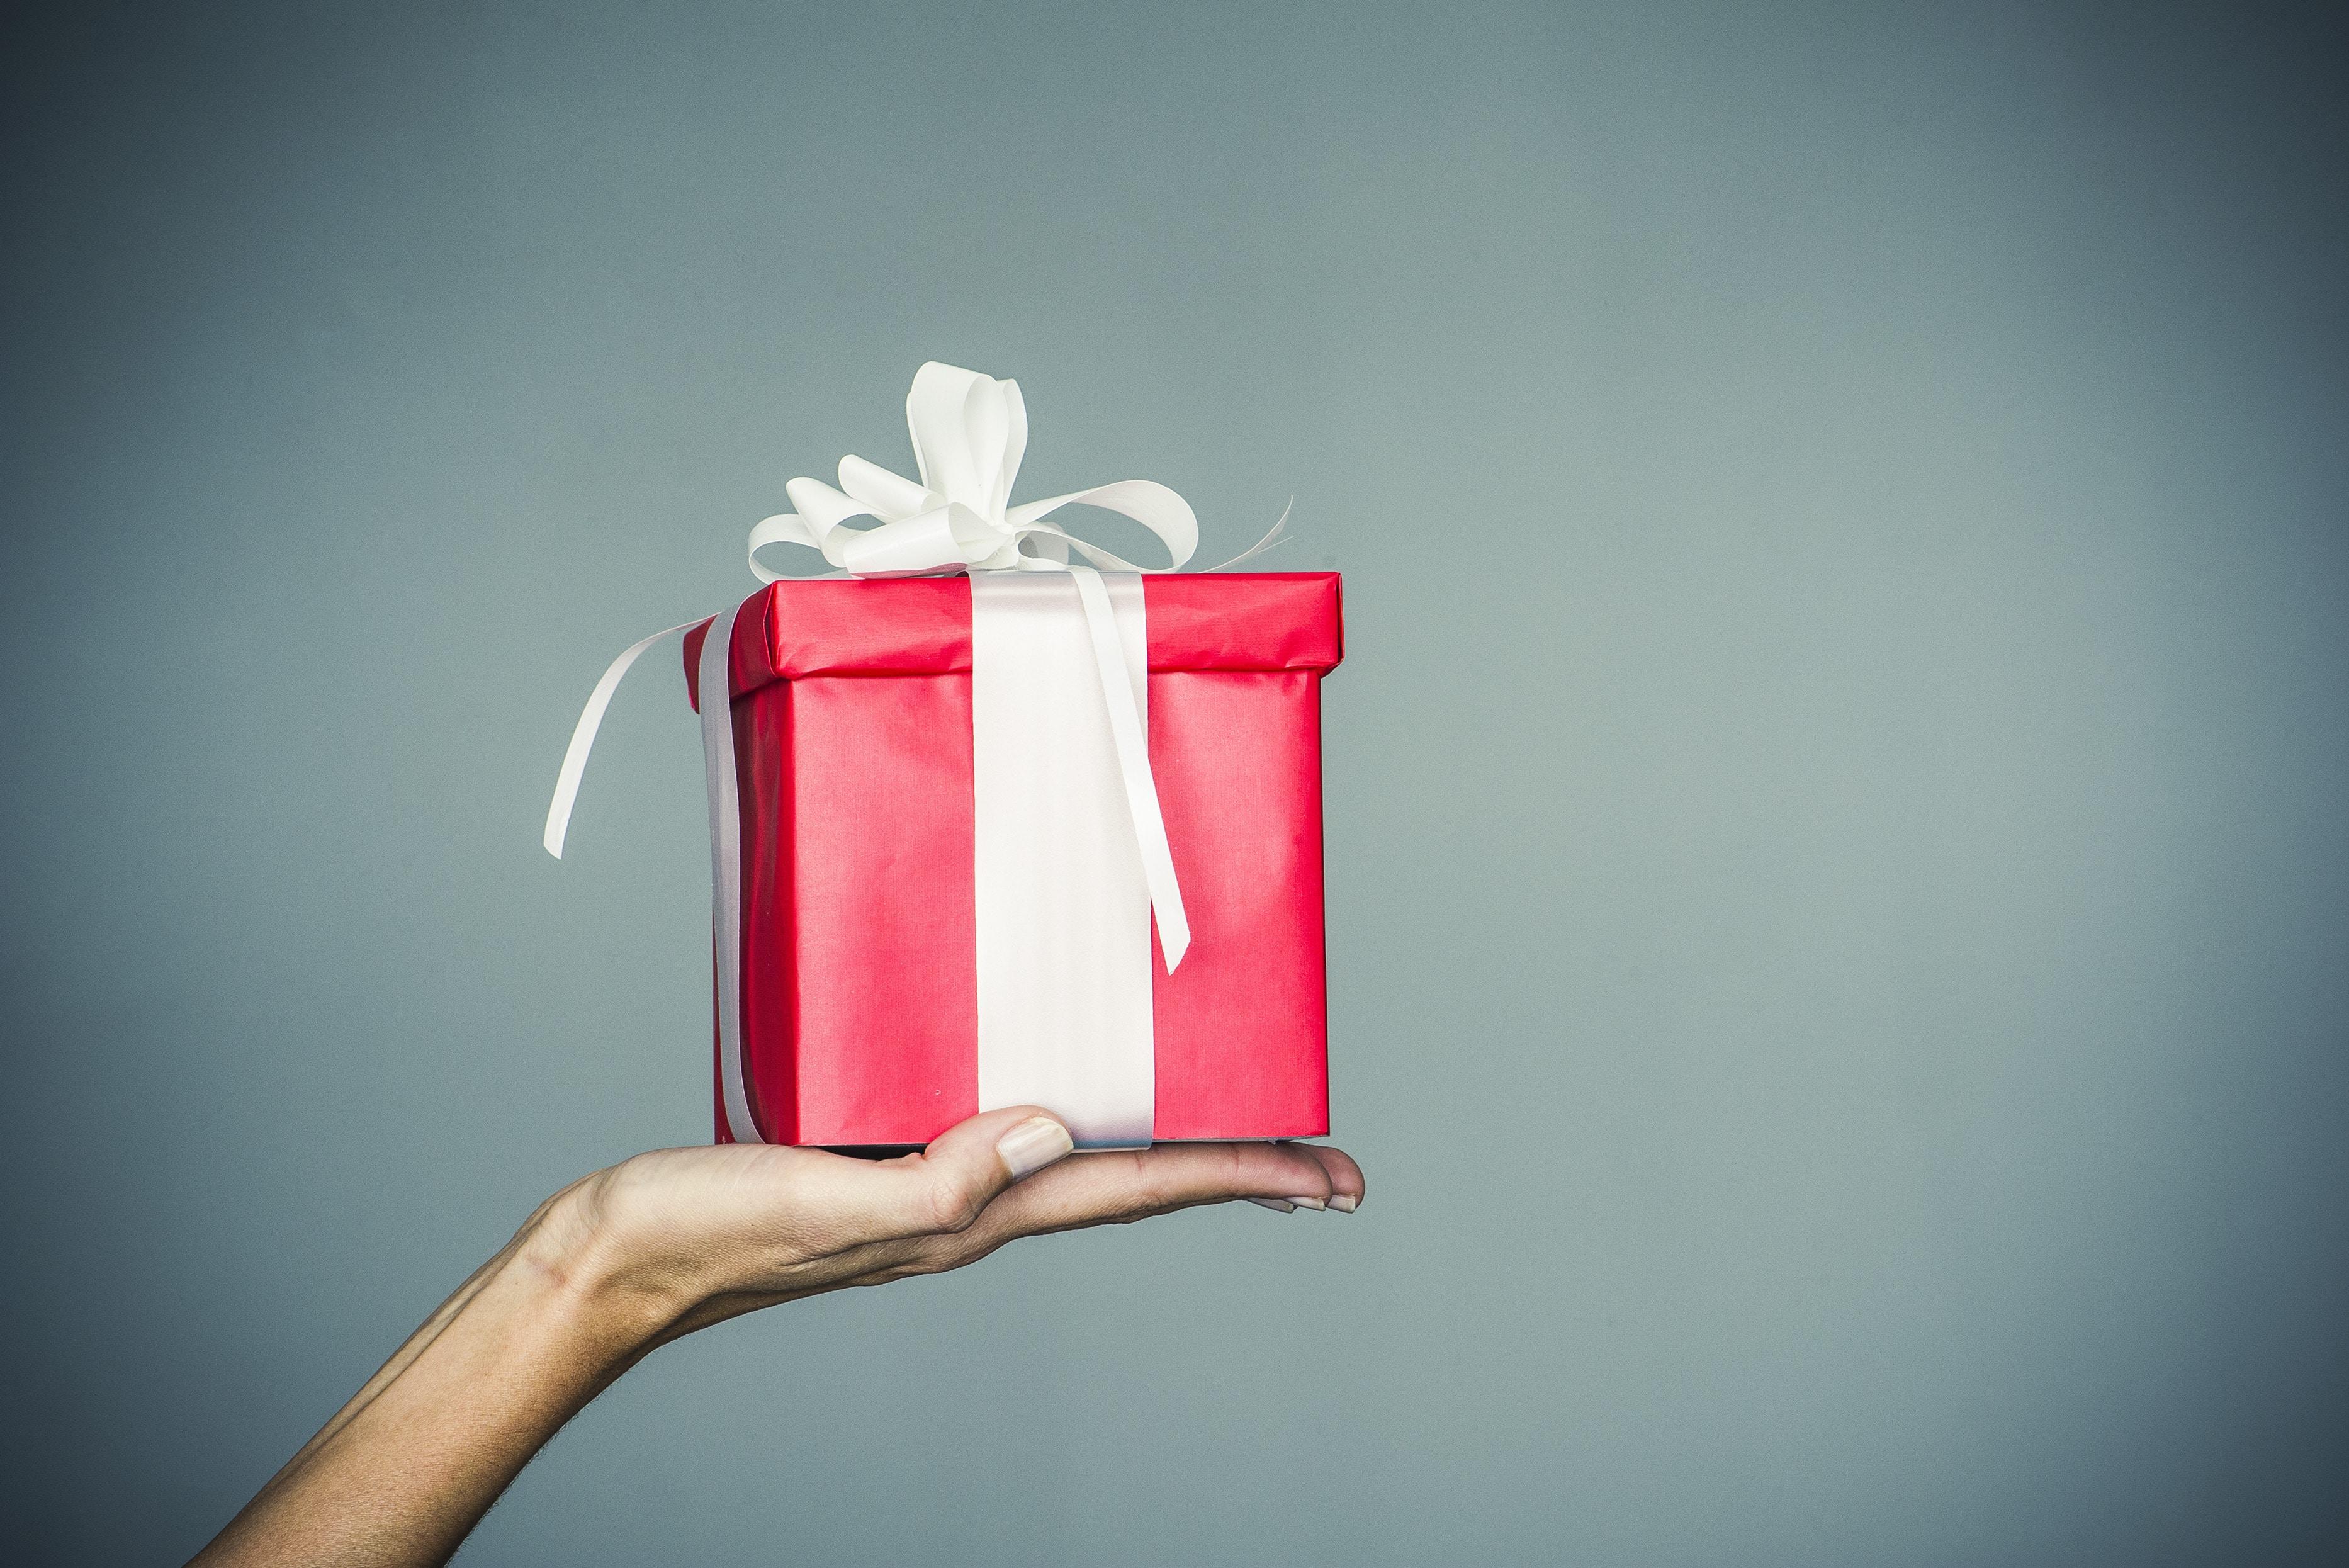 Regali Di Natale Amici.20 Idee Di Regali Di Natale Pensate Per I Diversi Tipi Di Amici